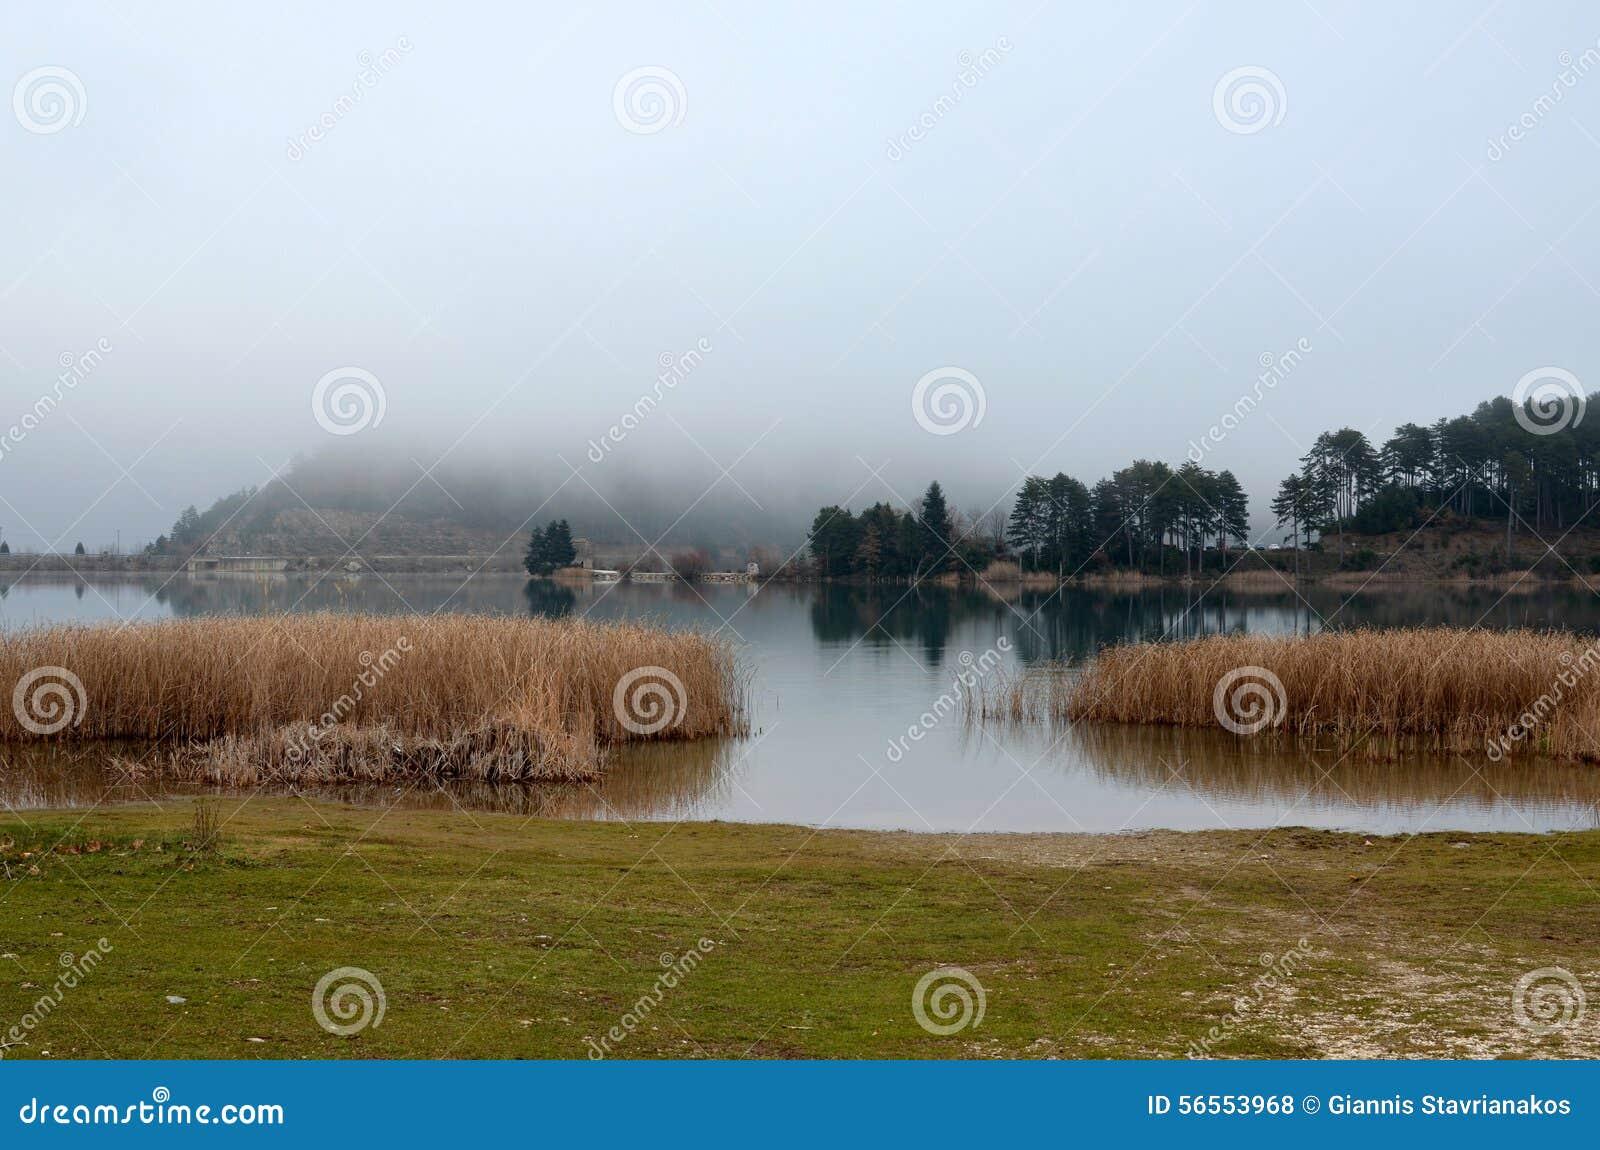 Download Όμορφη λίμνη στην Ελλάδα στοκ εικόνες. εικόνα από διακοπές - 56553968